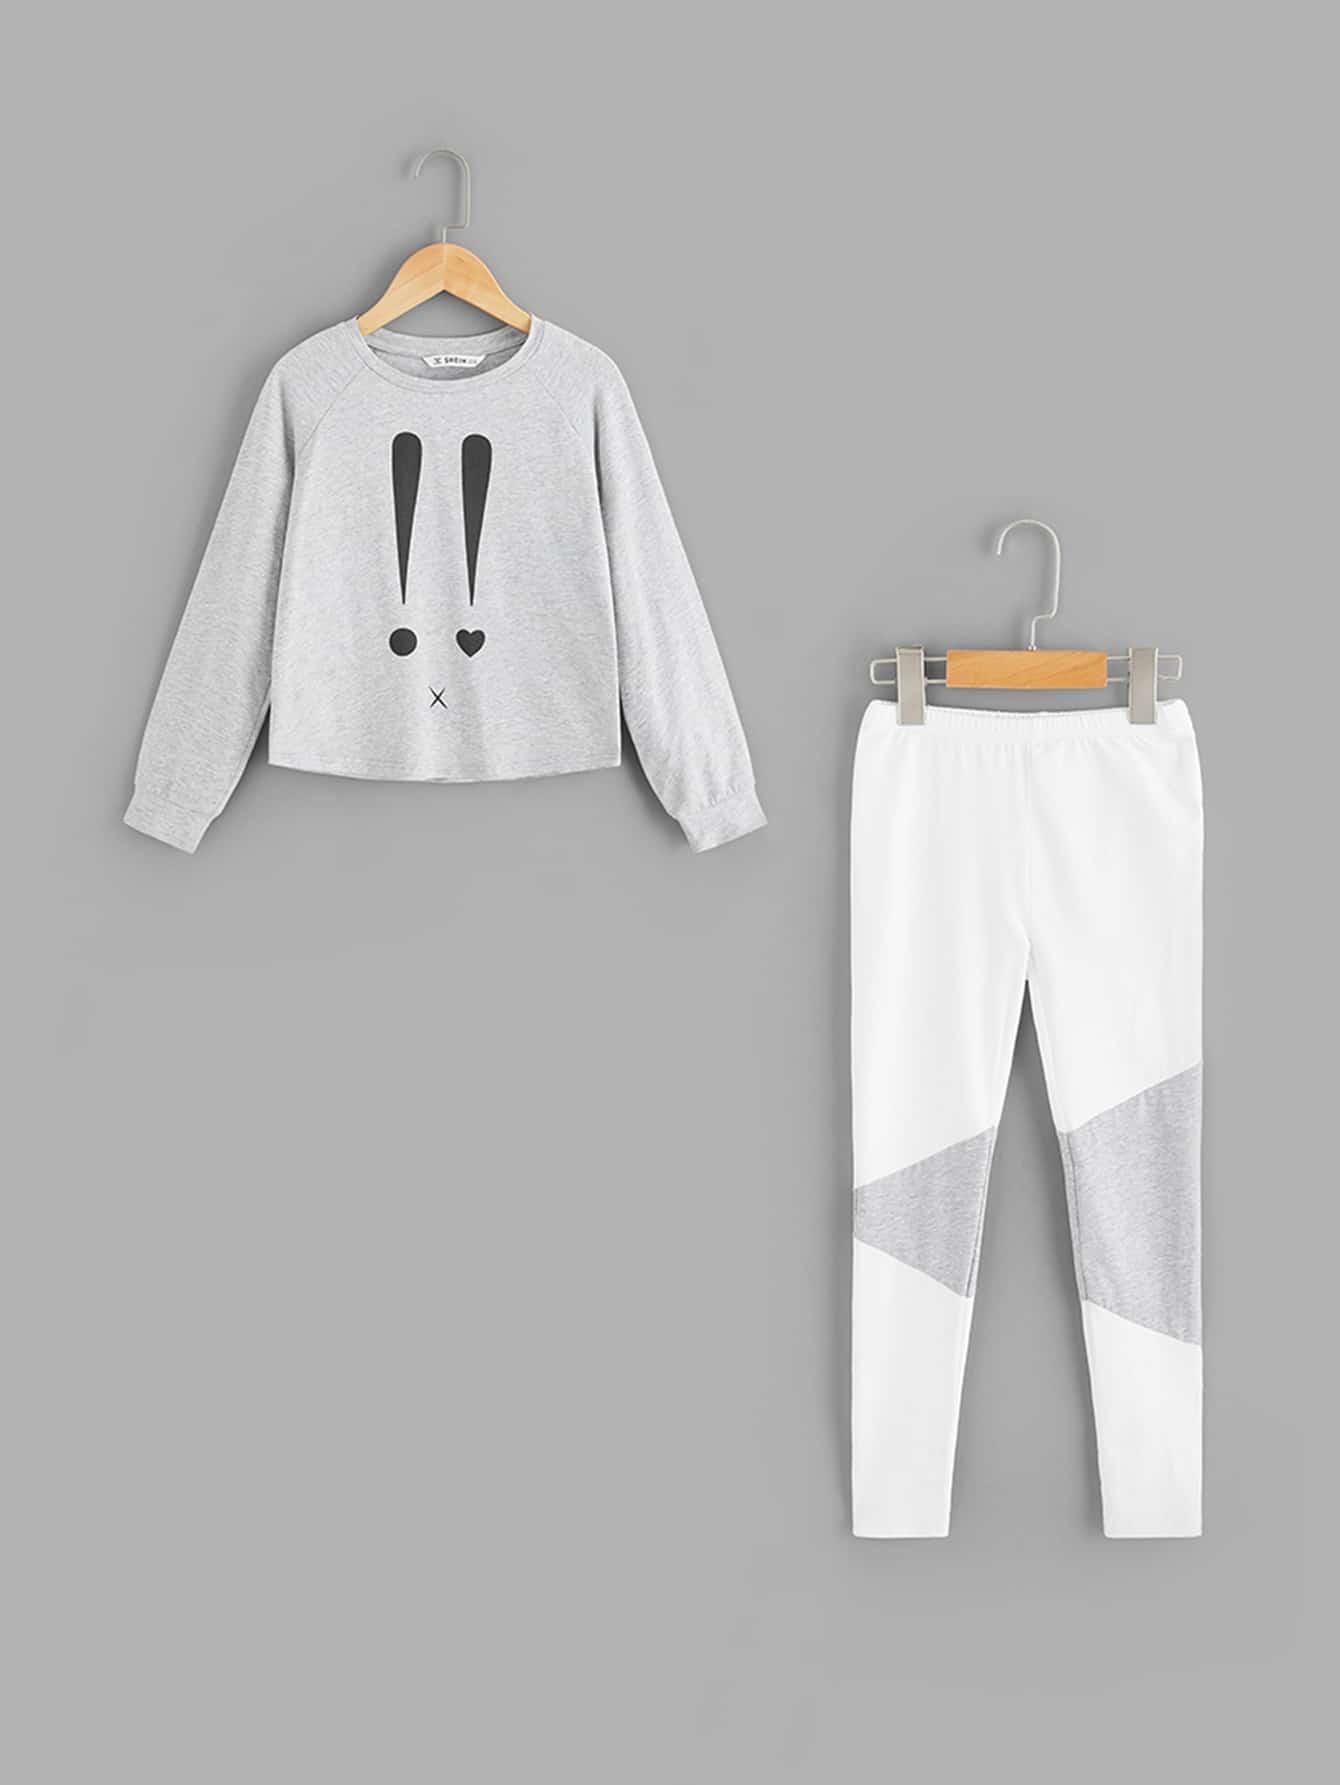 Пижамный комплект футболка с принтом и рукавами реглан и брюки от SheIn